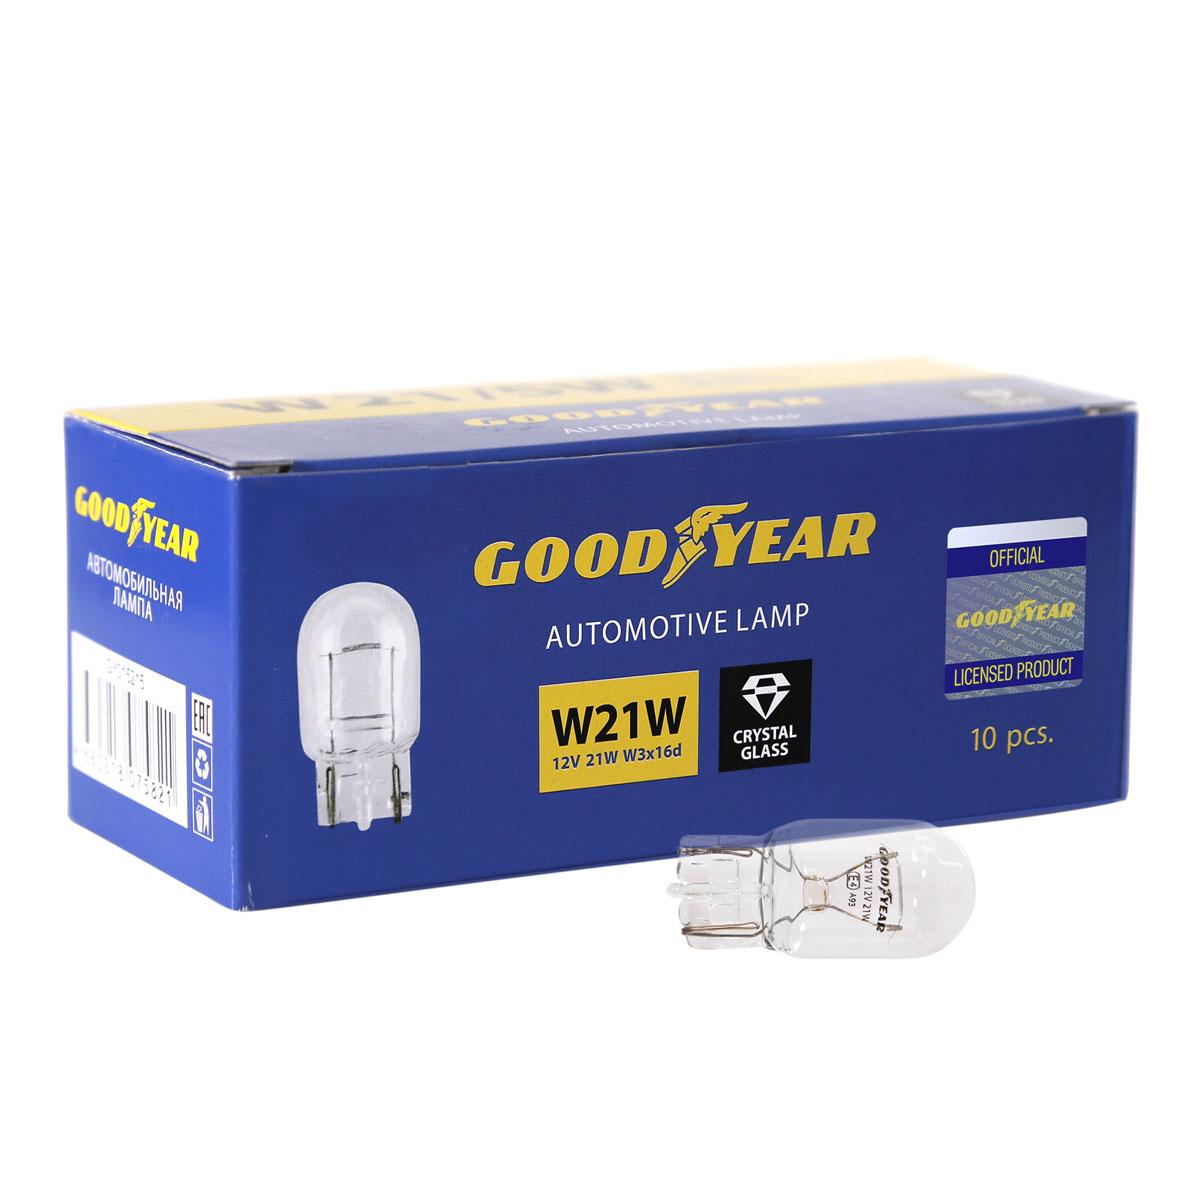 """Лампа накаливания автомобильная """"Goodyear"""", W21W, 12V, цоколь W3x16d, 21W, 10 шт"""